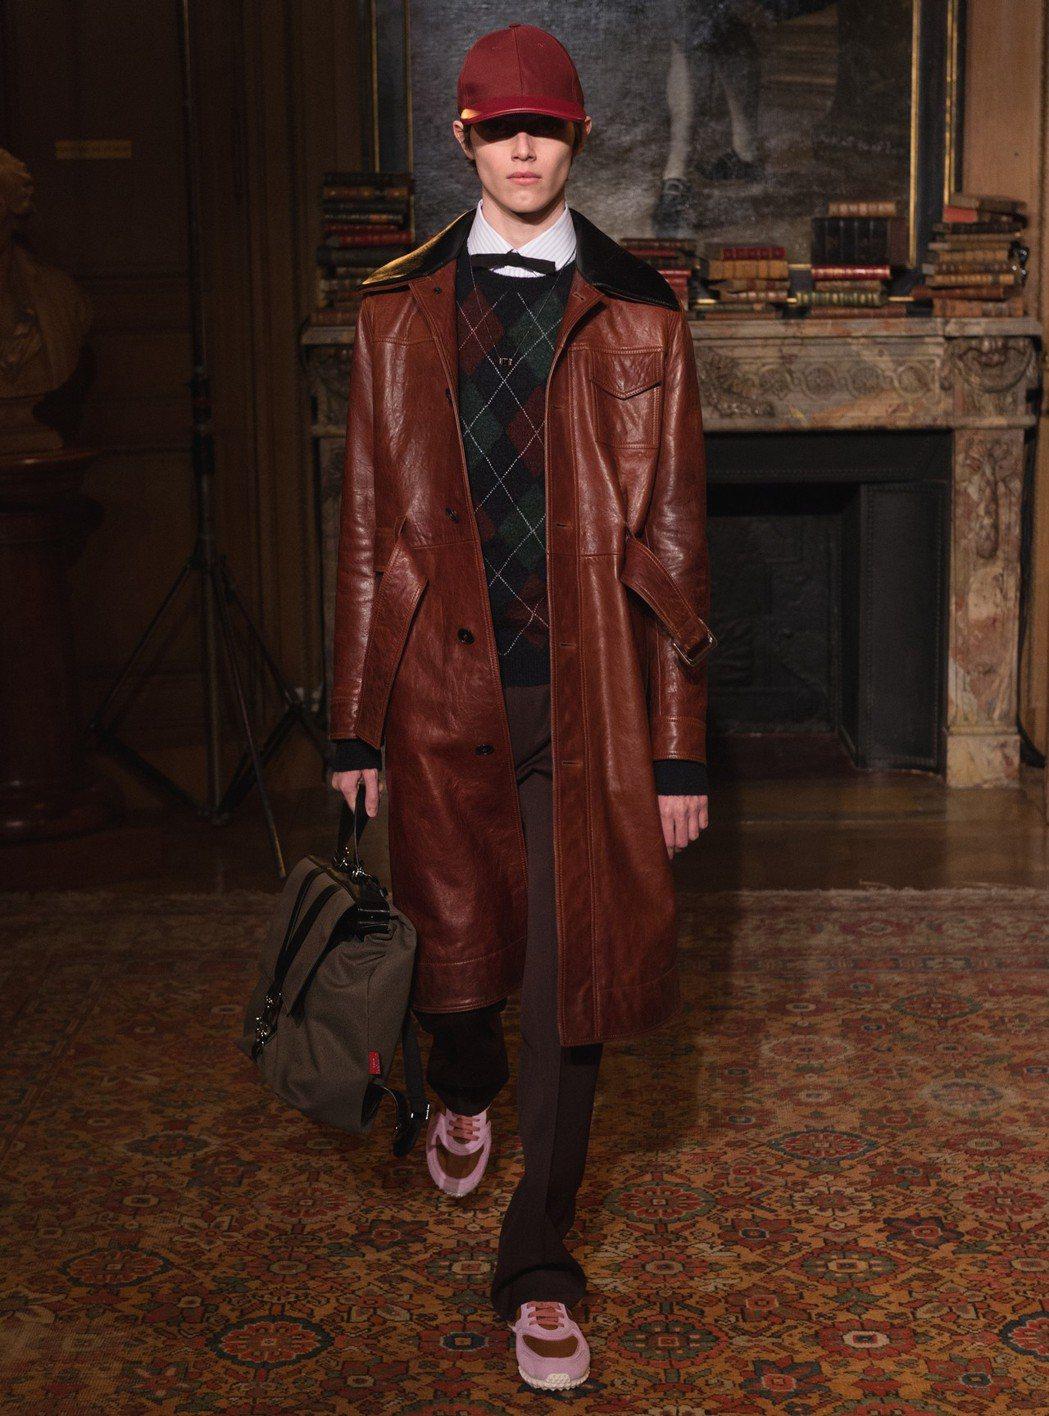 皮革大衣本身是造型感強的單品,不妨以具份量感的鍊帶表款取得平衡。圖/Valent...